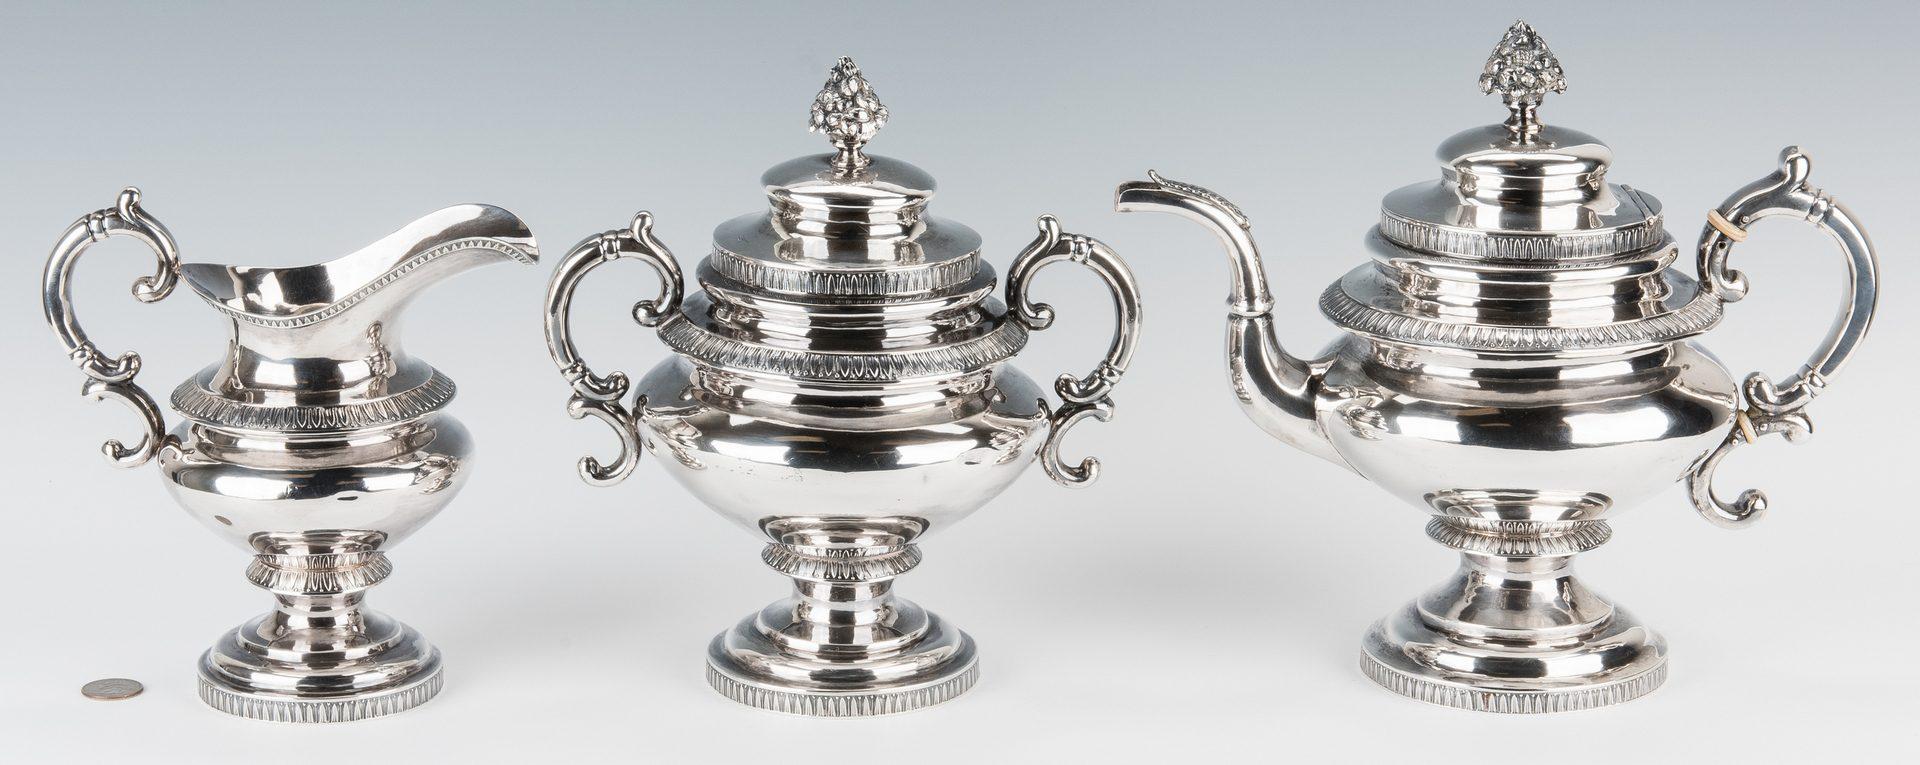 Lot 63: New York Cox Coin Silver Tea Set, 3 pcs.